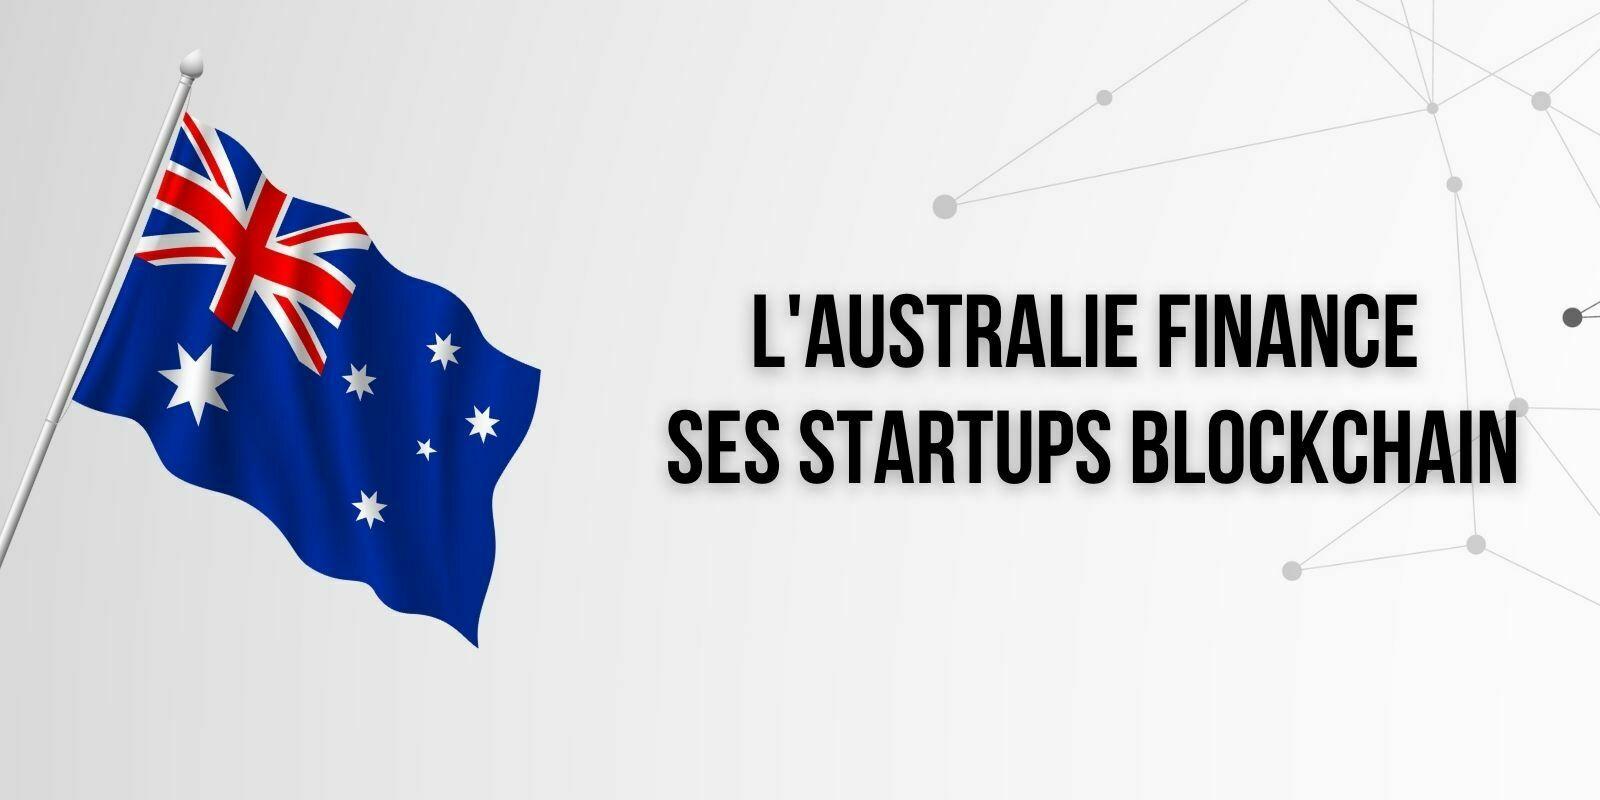 Le gouvernement australien subventionne deux startups blockchain à hauteur de 4,2 millions de dollars